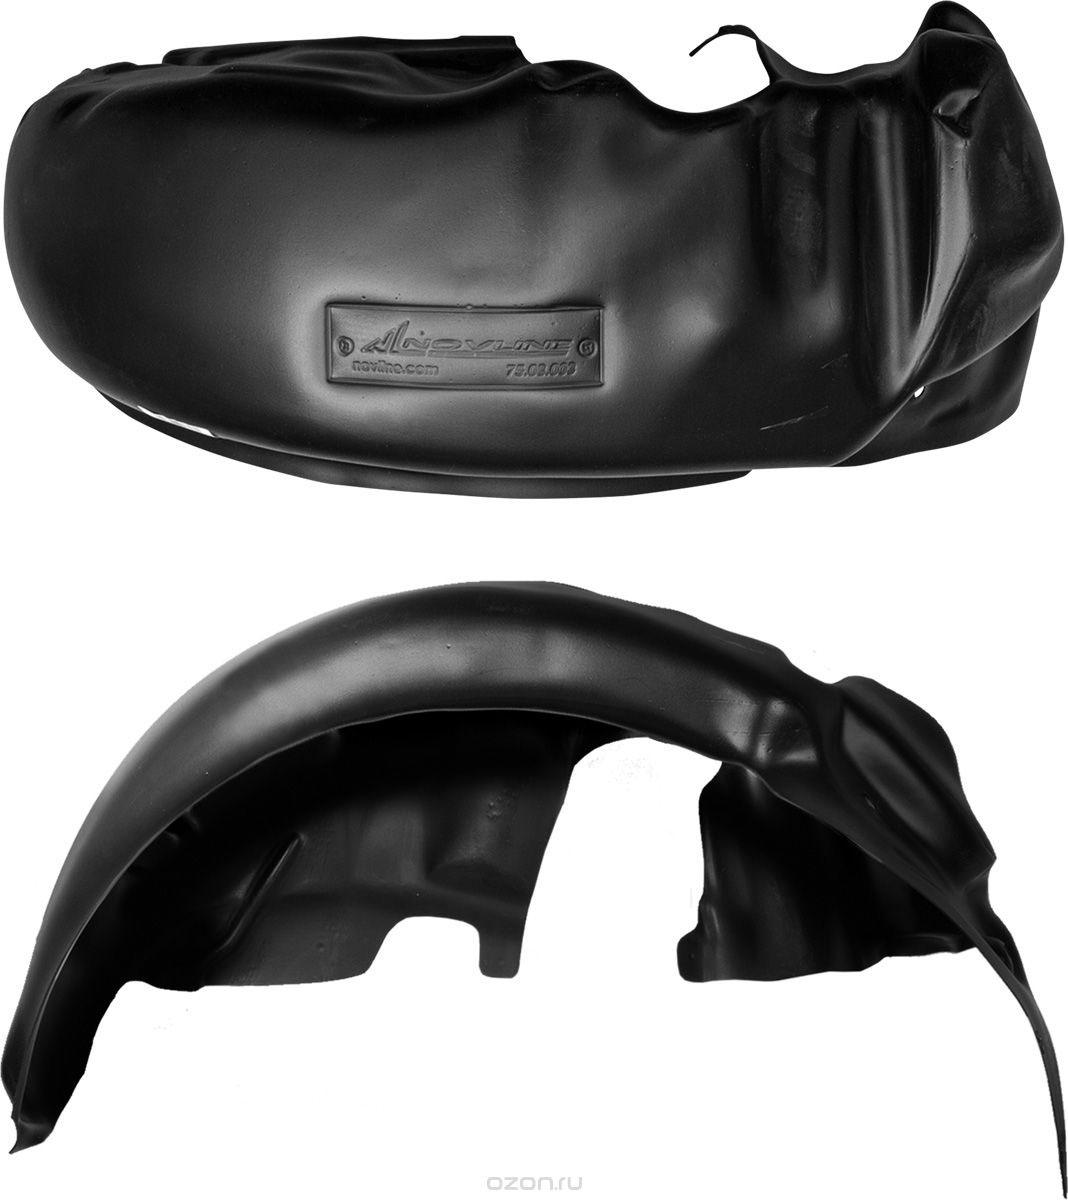 Подкрылок Novline-Autofamily, для ВАЗ 2105,07 1982-2010, б/б, передний левый000201Идеальная защита колесной ниши. Локеры разработаны с применением цифровых технологий, гарантируют максимальную повторяемость поверхности арки. Изделия устанавливаются без нарушения лакокрасочного покрытия автомобиля, каждый подкрылок комплектуется крепежом. Уважаемые клиенты, обращаем ваше внимание, что фотографии на подкрылки универсальные и не отражают реальную форму изделия. При этом само изделие идет точно под размер указанного автомобиля.